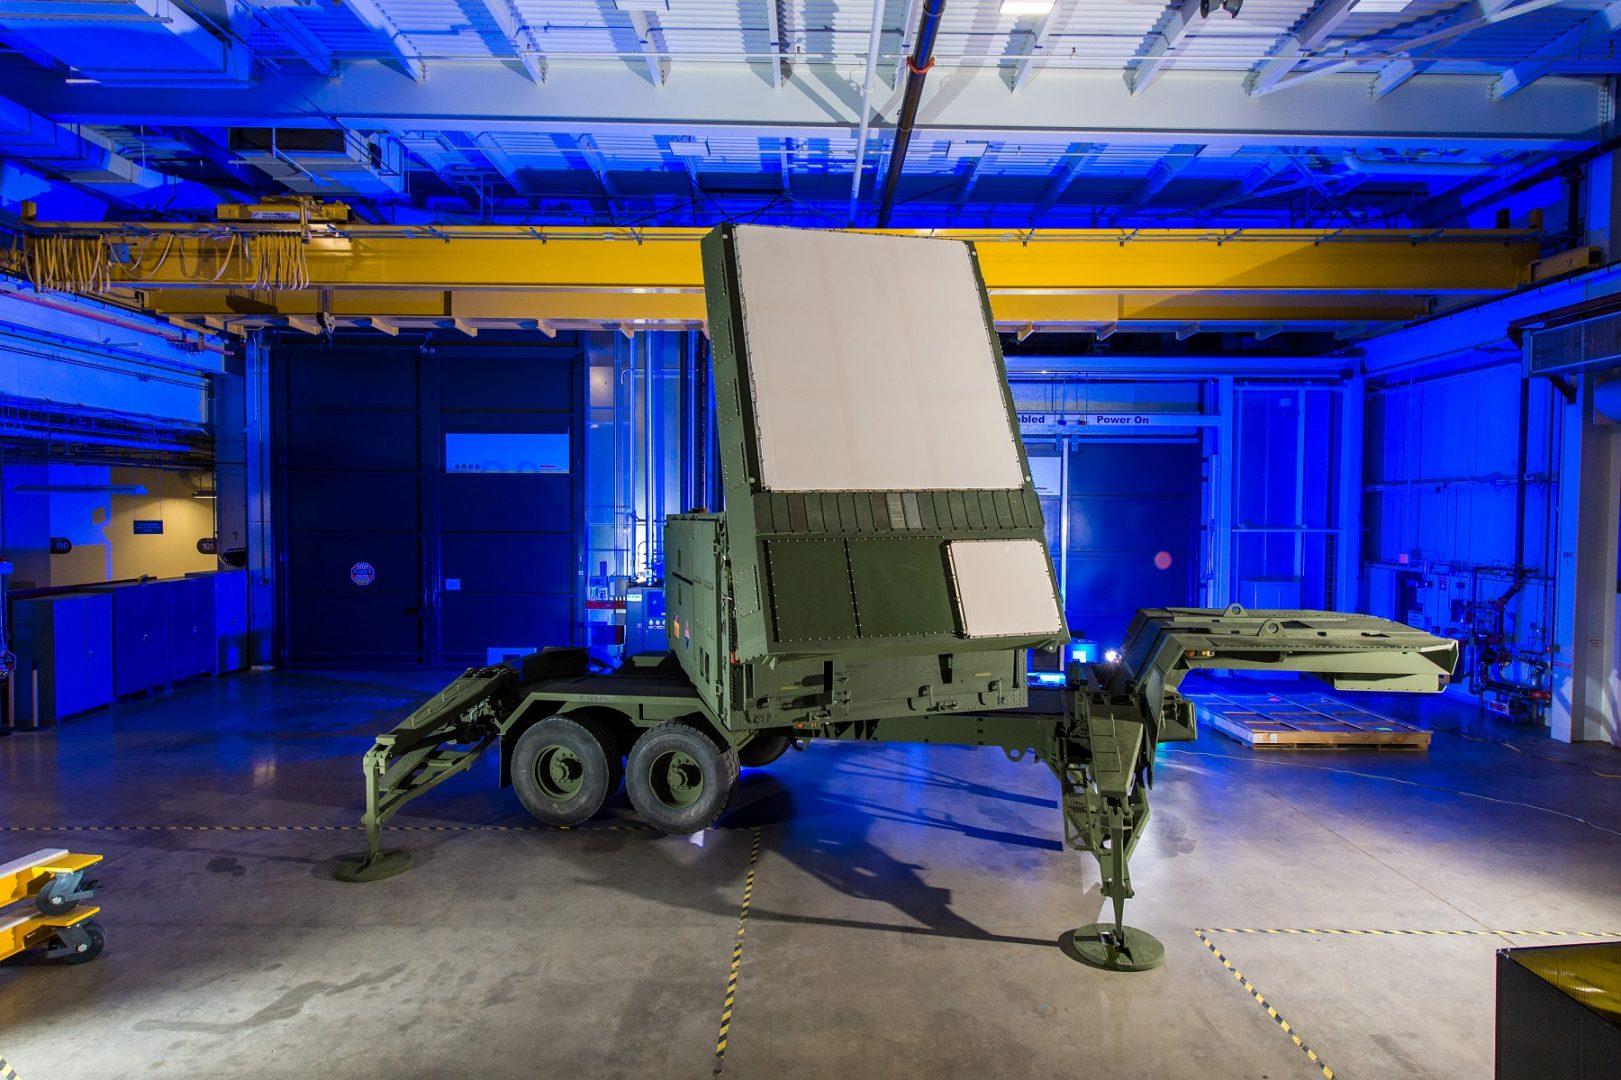 Eksperci Fundacji wUSA narozmowach nt.obrony przeciwlotniczej iprzeciwrakietowej